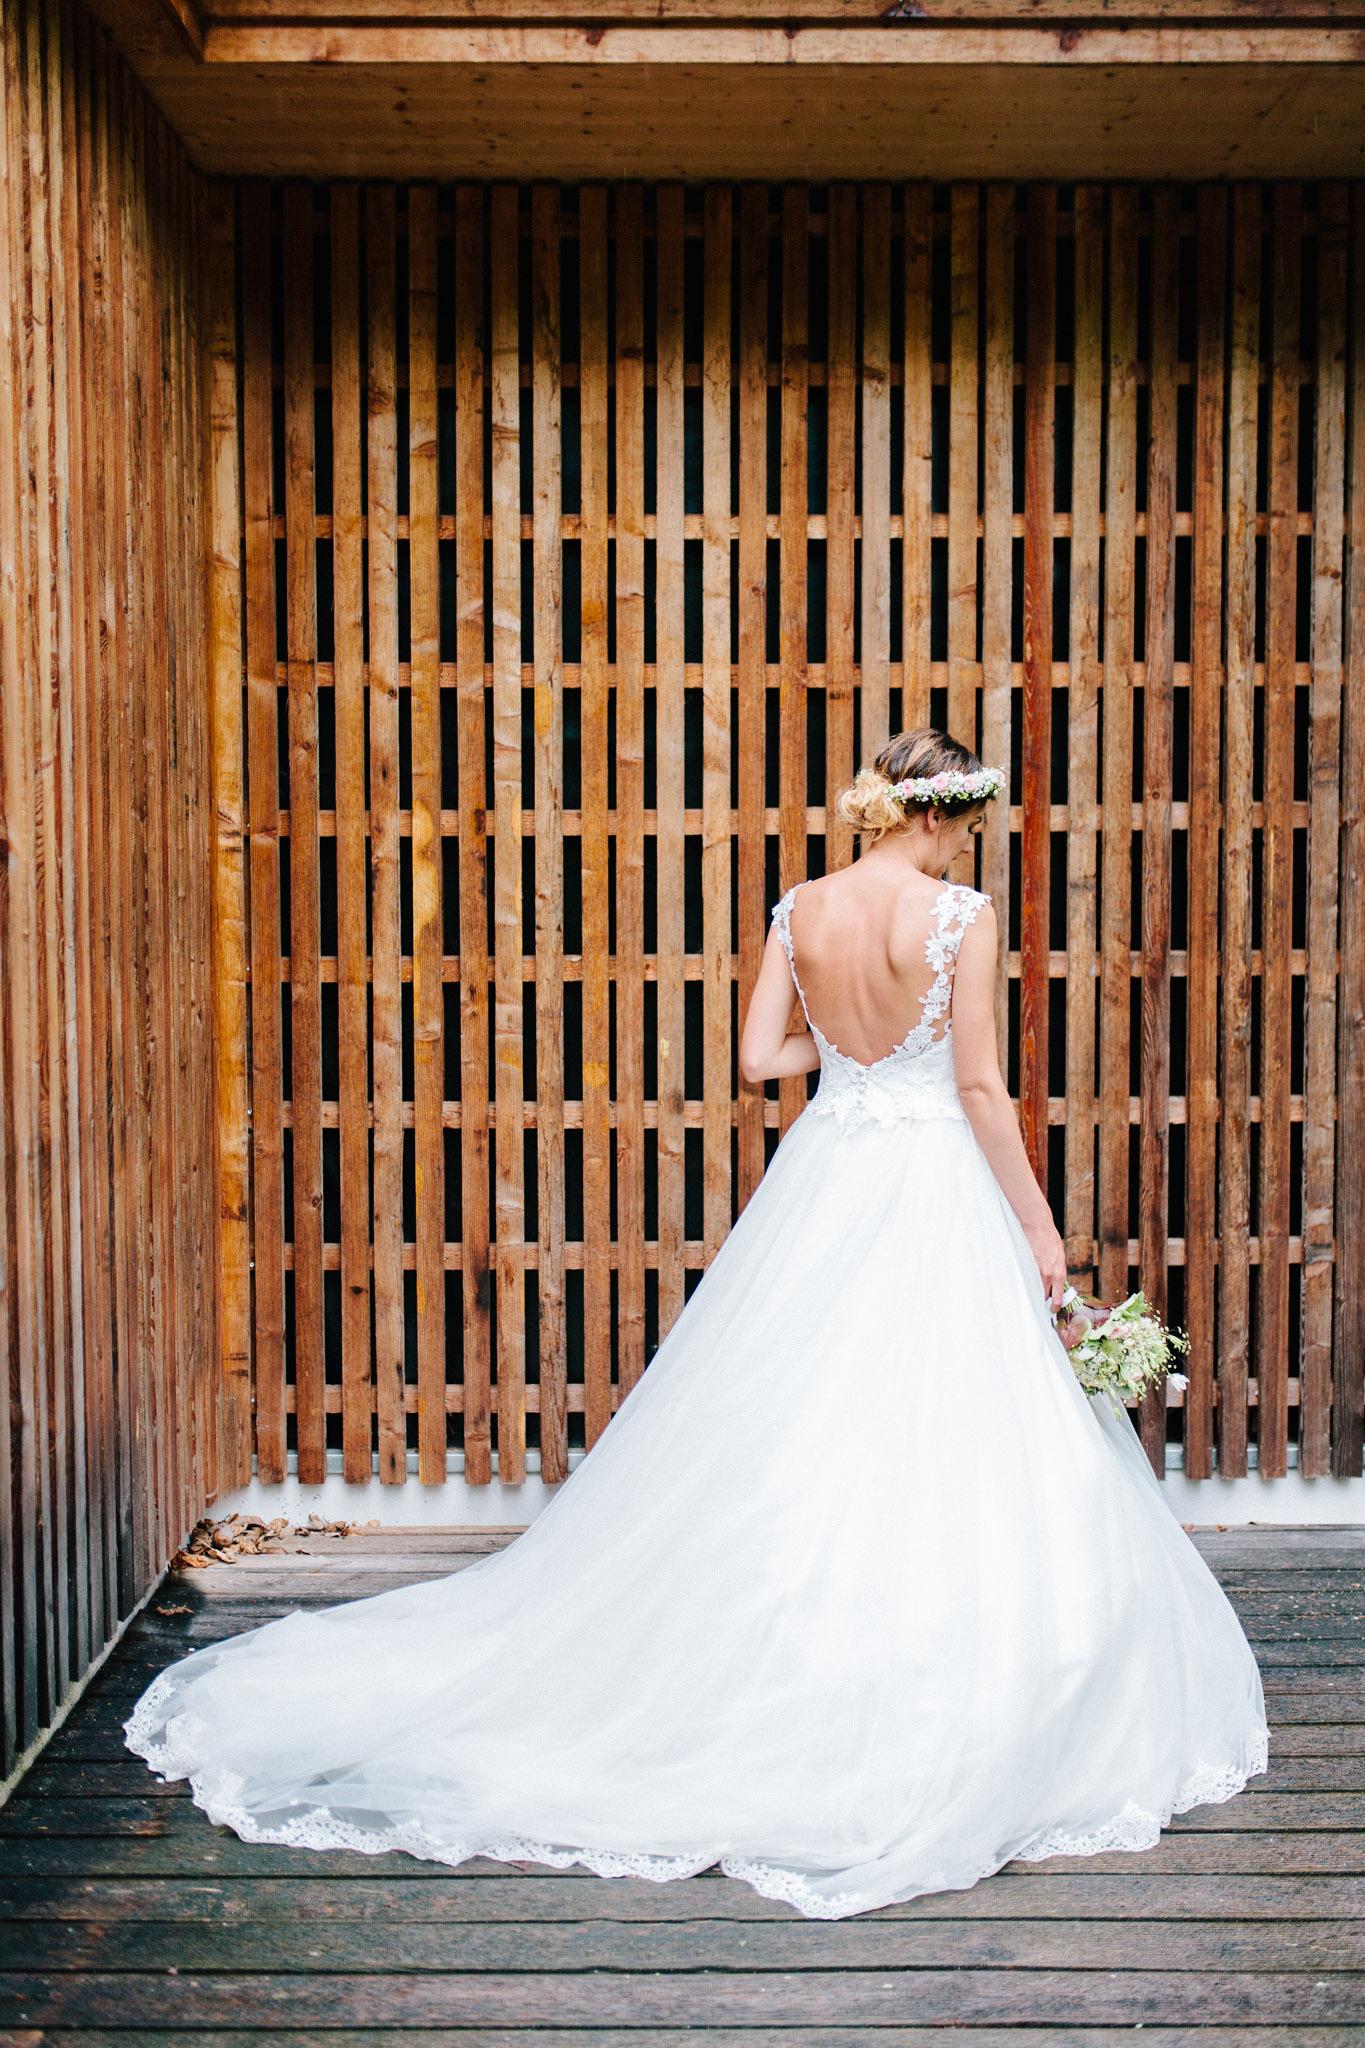 Nordhausen-Harz-Hochzeit-Pia-Anna-Christian-Wedding-Photography-LM-68.jpg